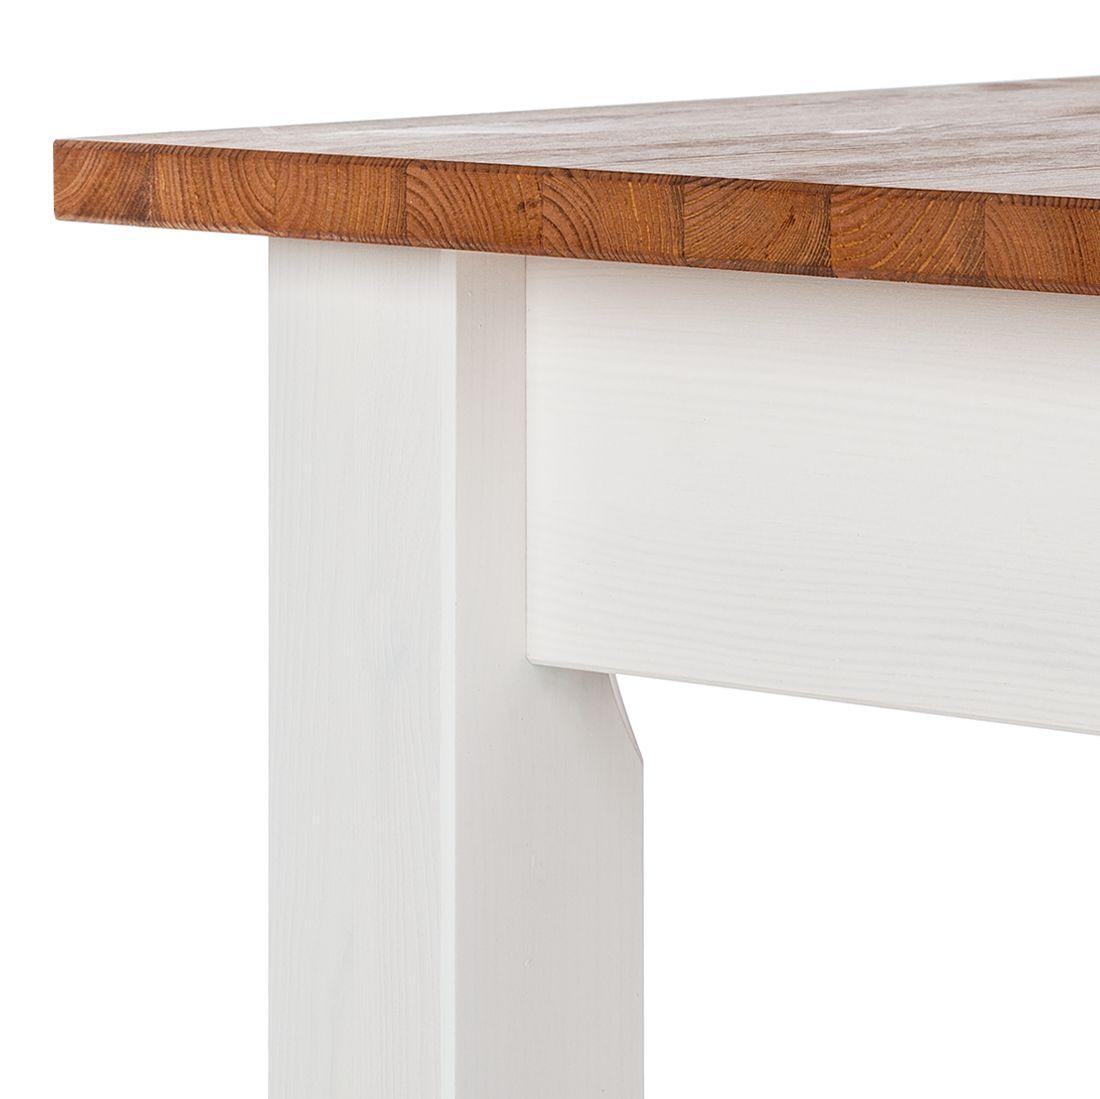 Genial Esstisch Holz Weiss Kitchentable Home Decor Decor Home